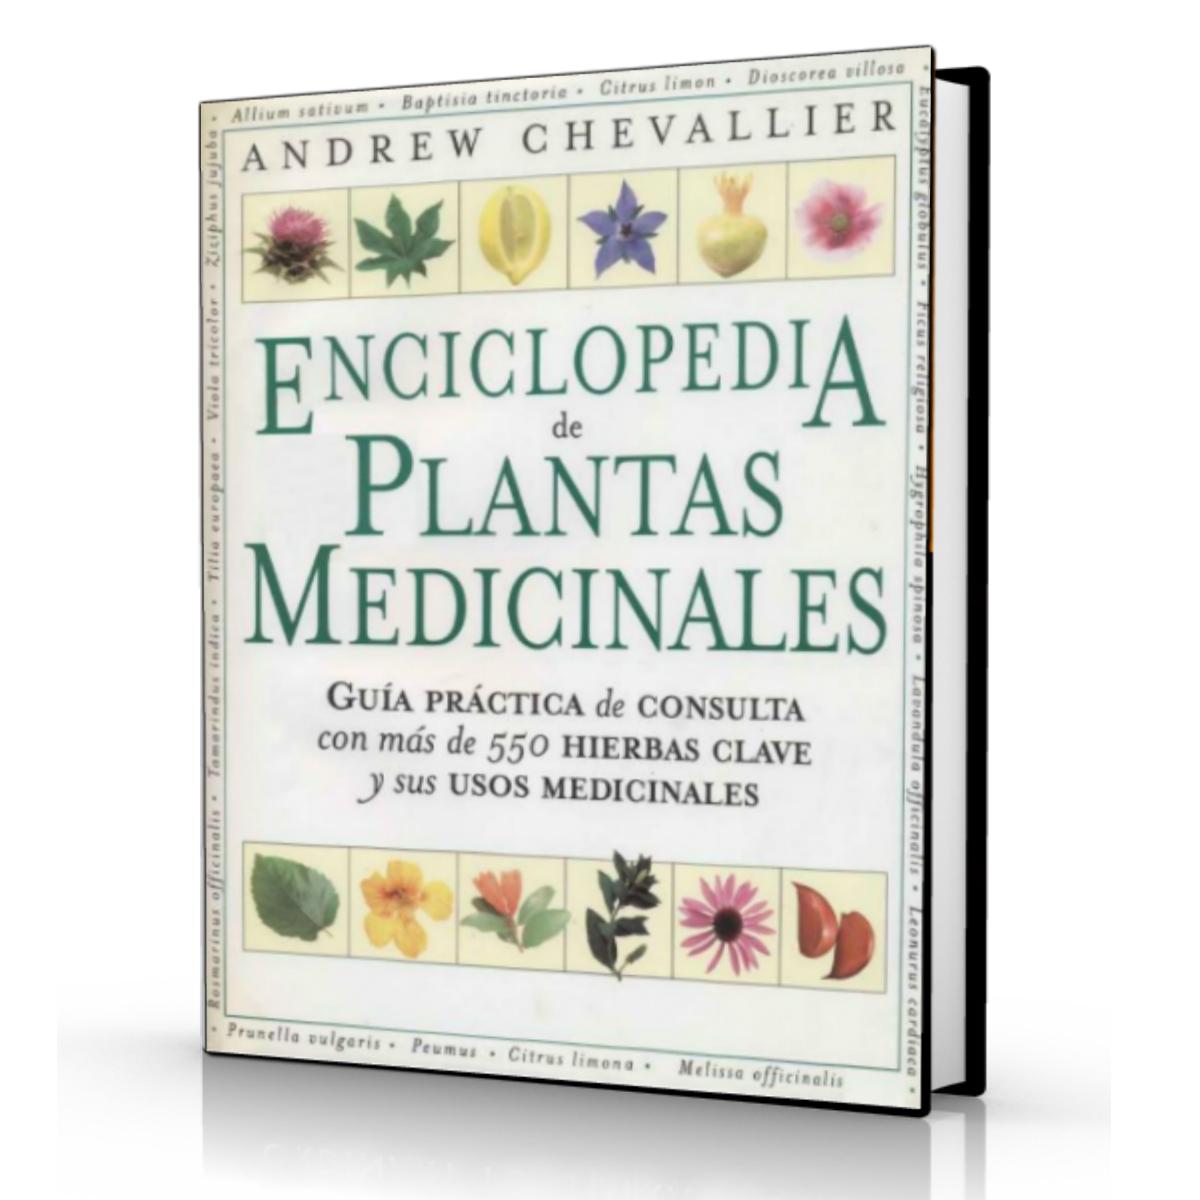 enciclopedia-de-plantas-medicinales-andrew-chevallier-Ebook-pdf